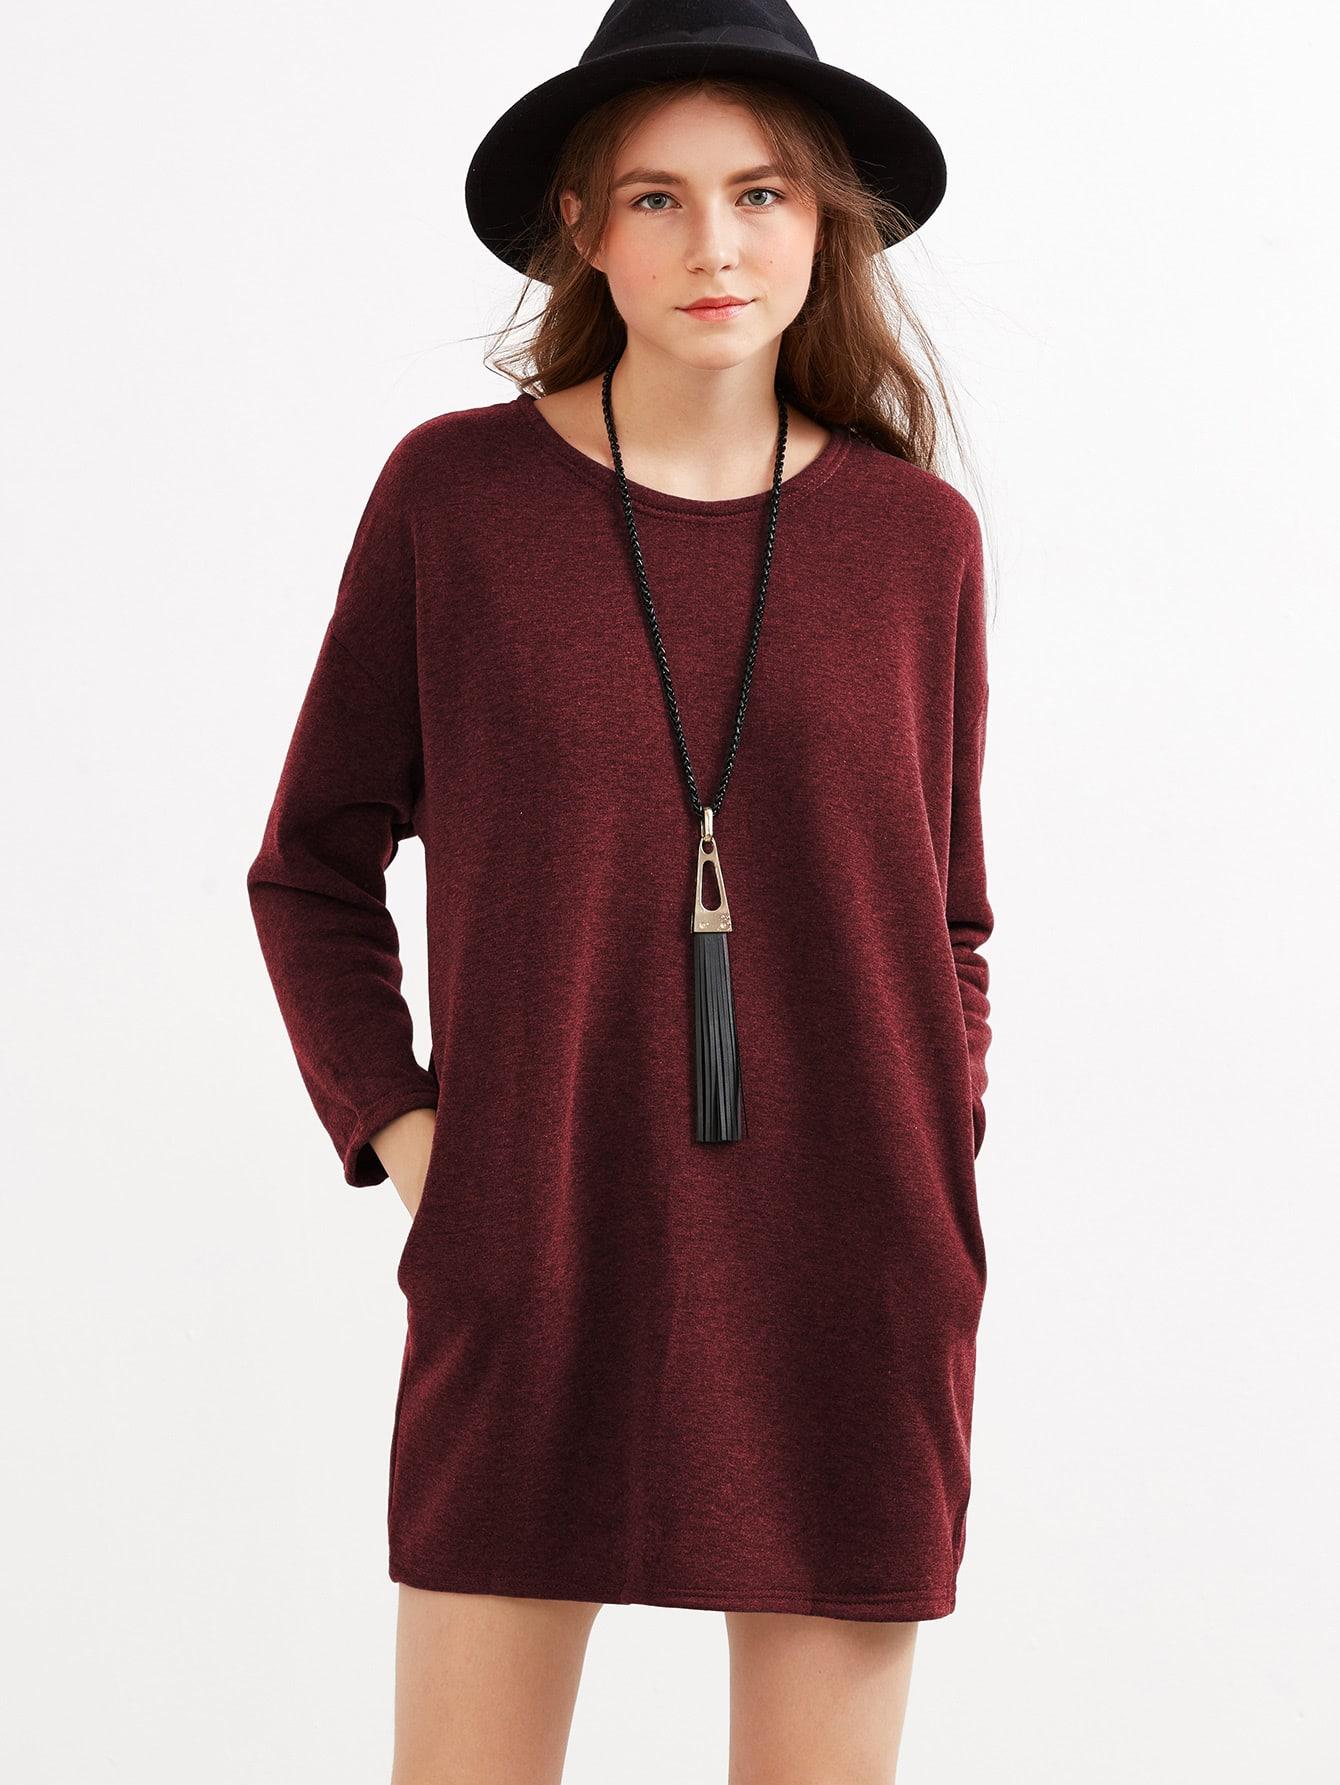 Drop Shoulder Marled Knit Dress wiper blades for fiat ulysse 26